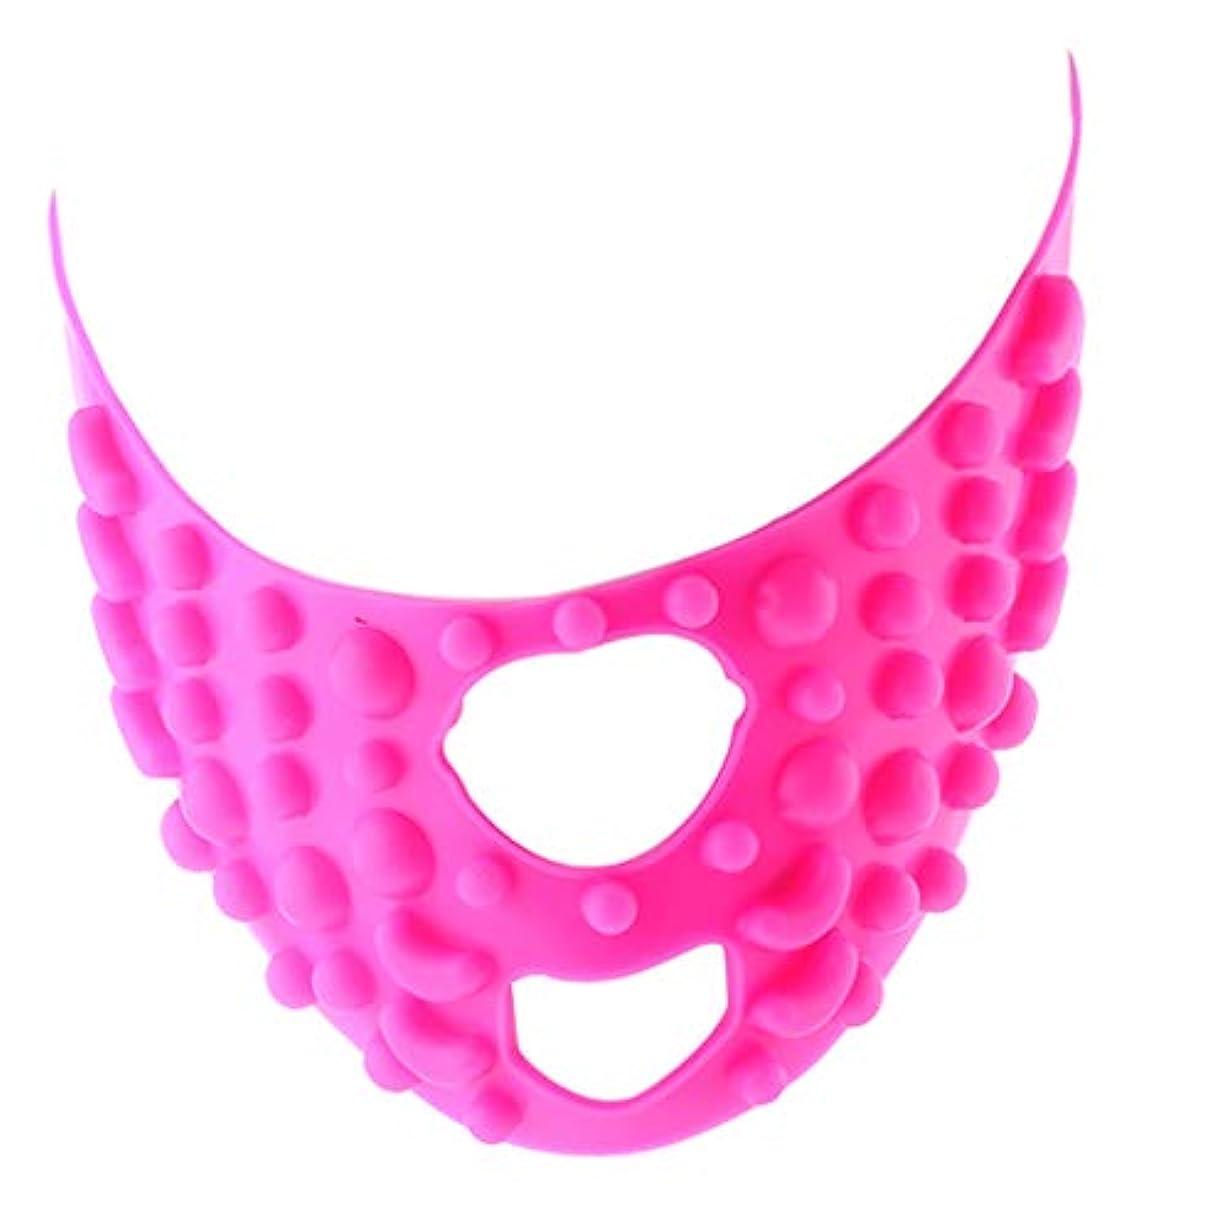 印象的なマラソンホームレスフェイス マスク ベルト リフトスリムマスク シリコン 小顔矯正 美顔 顔痩せ ユニセックス